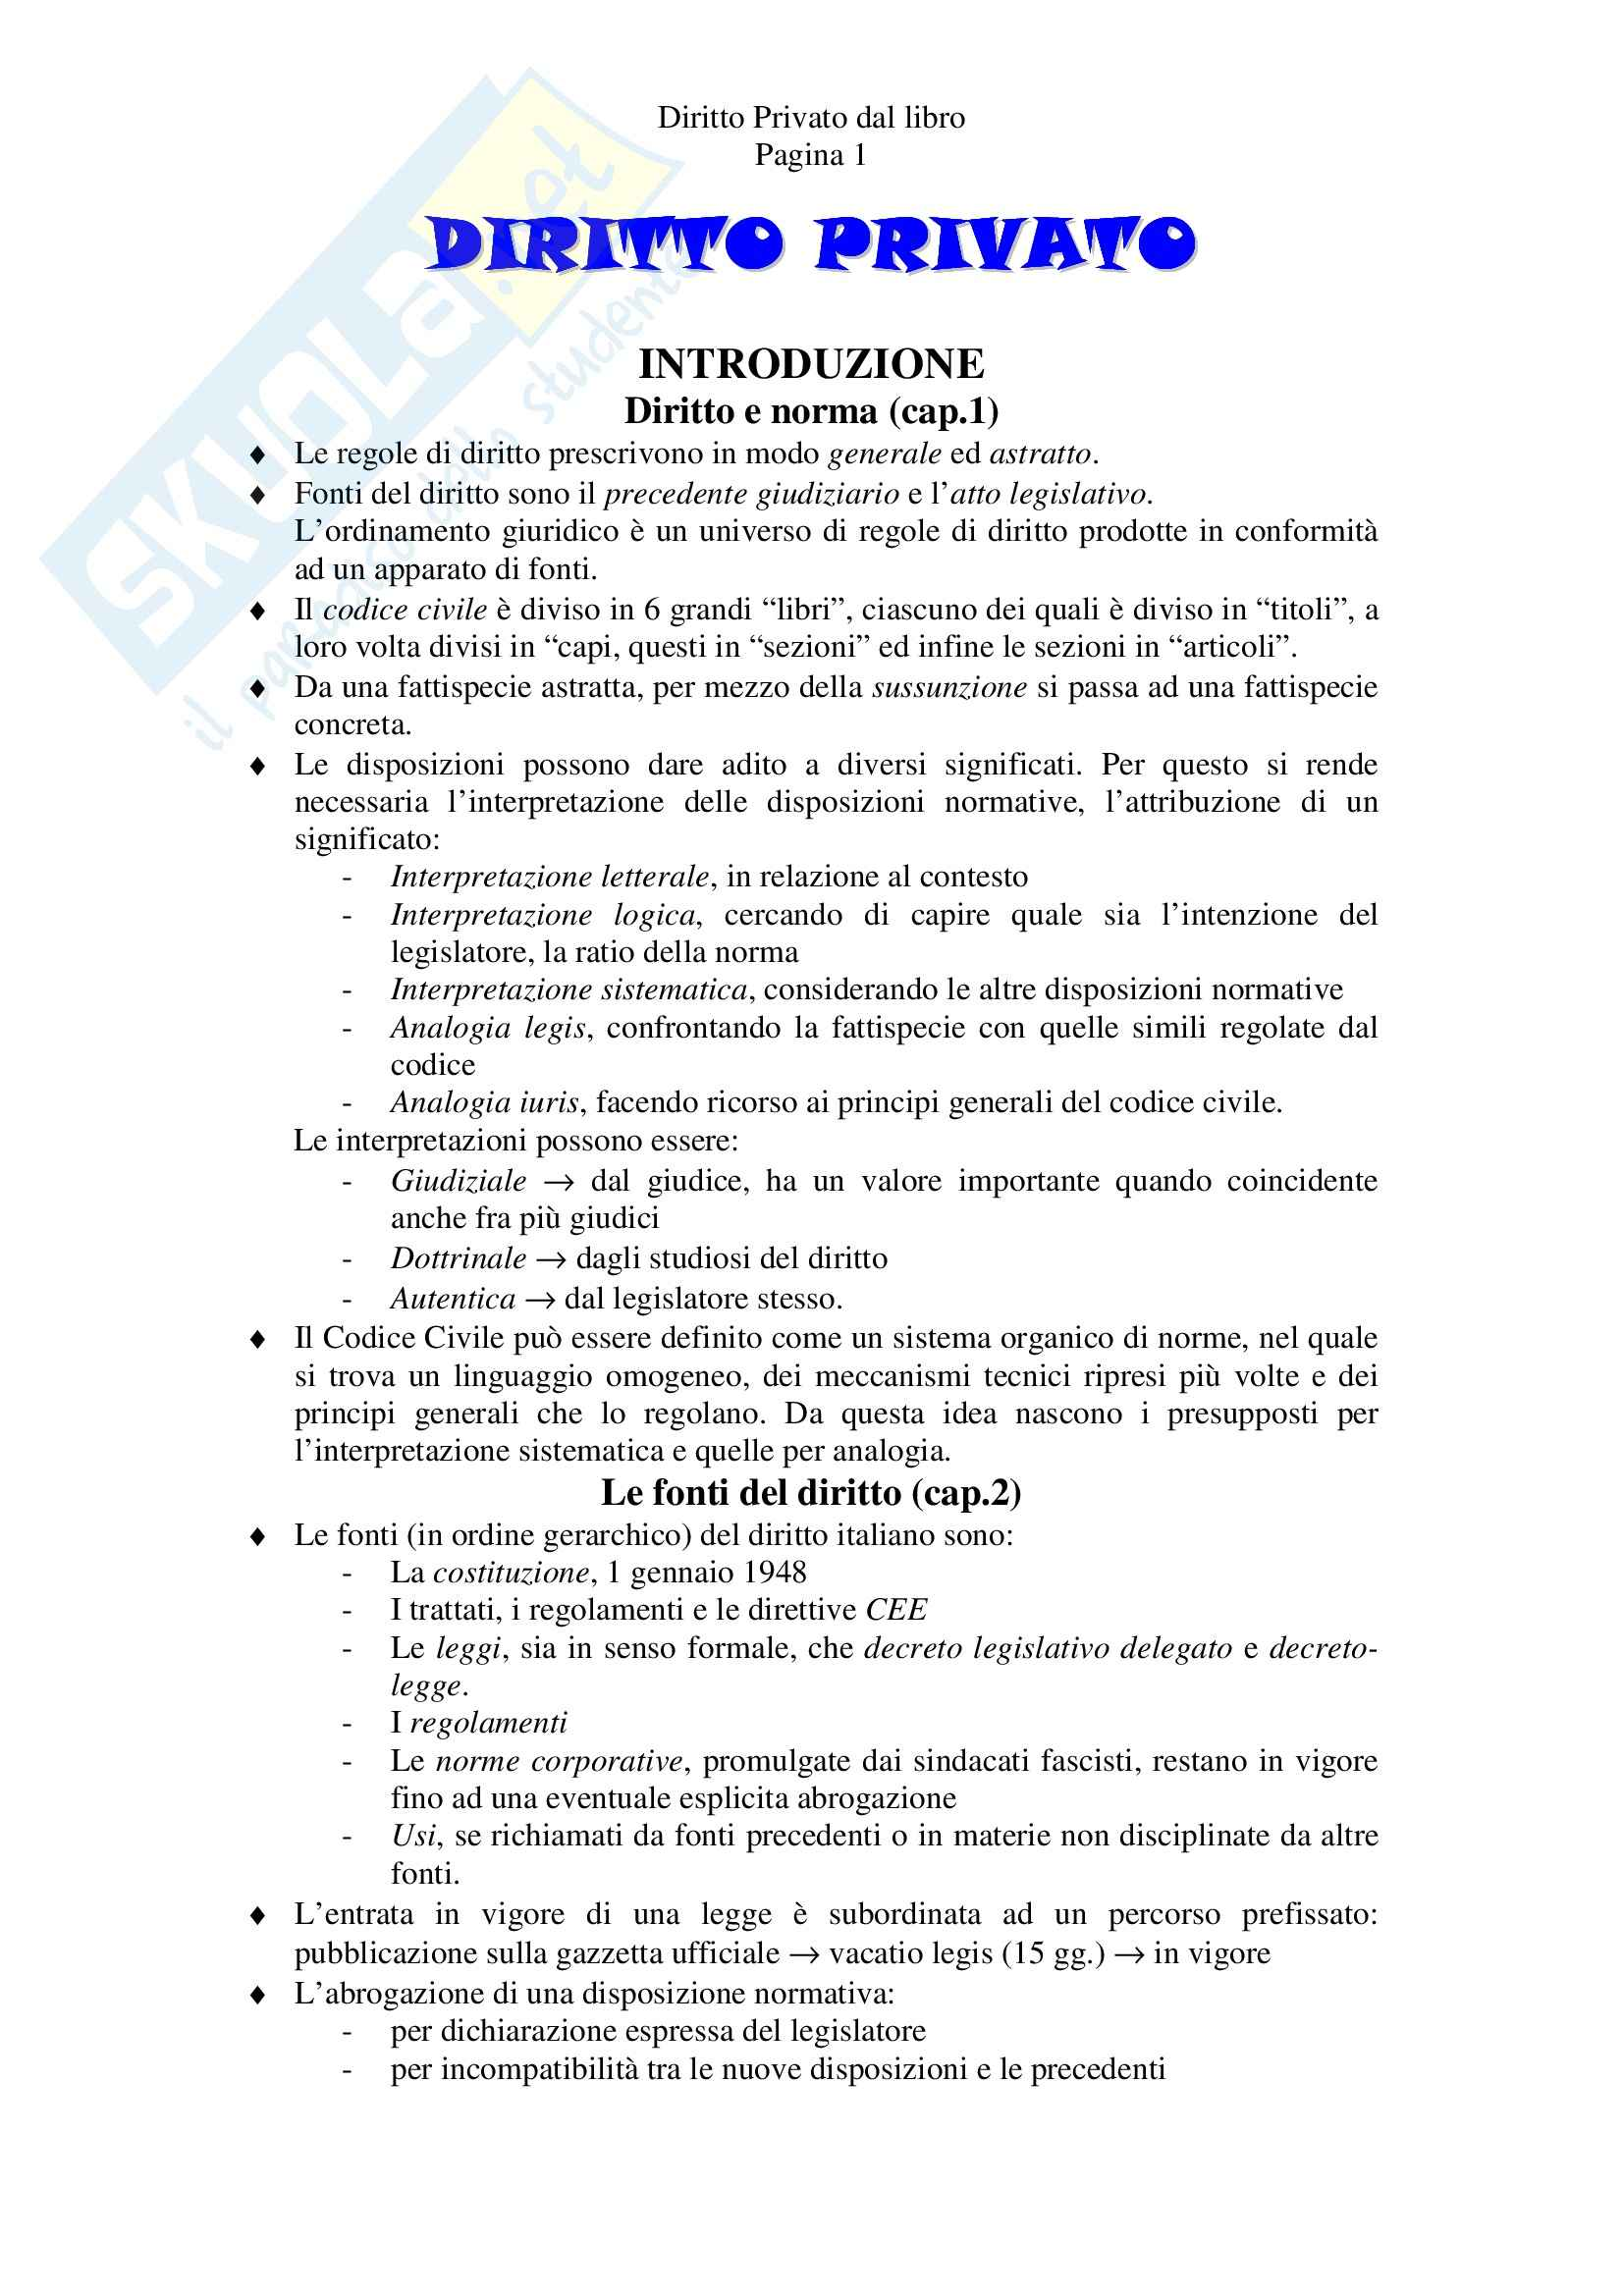 Riassunto esame Diritto Privato, prof. Tagliapietra, libro consigliato Diritto privato, Zatti, Colussi